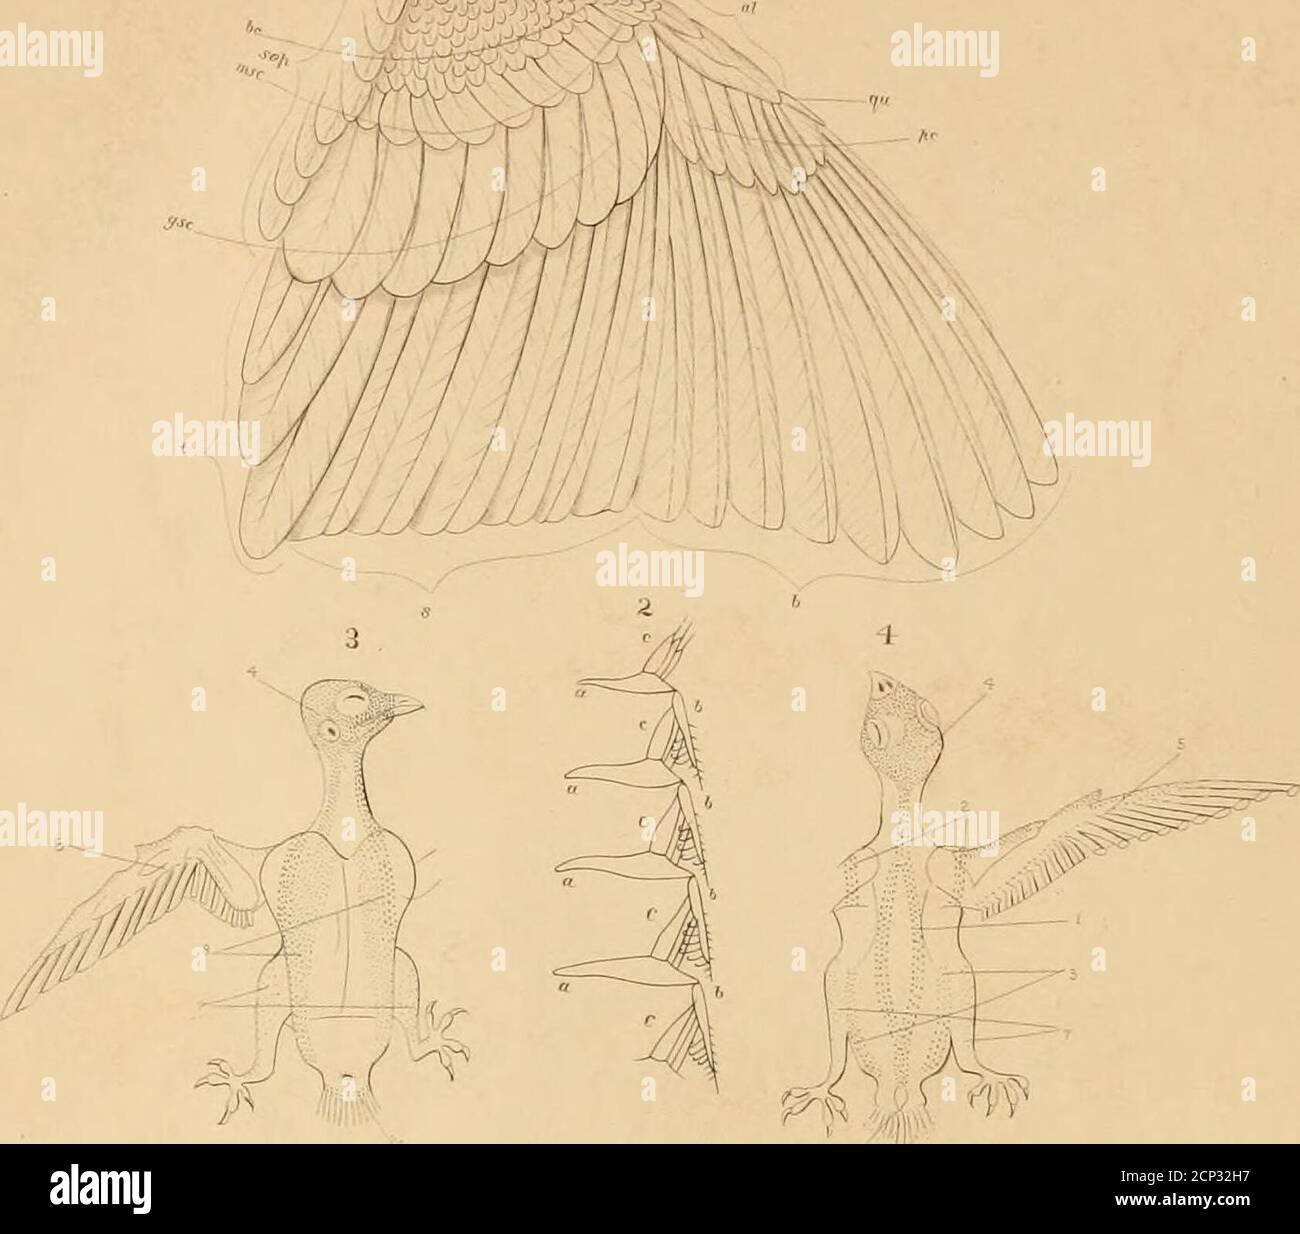 . Chiave per gli uccelli nordamericani; contenente un resoconto conciso di ogni specie di uccelli viventi e fossili attualmente conosciuta dal continente a nord del confine messicano e degli Stati Uniti . lf m/fjif,:keytonortameric00cou Foto Stock